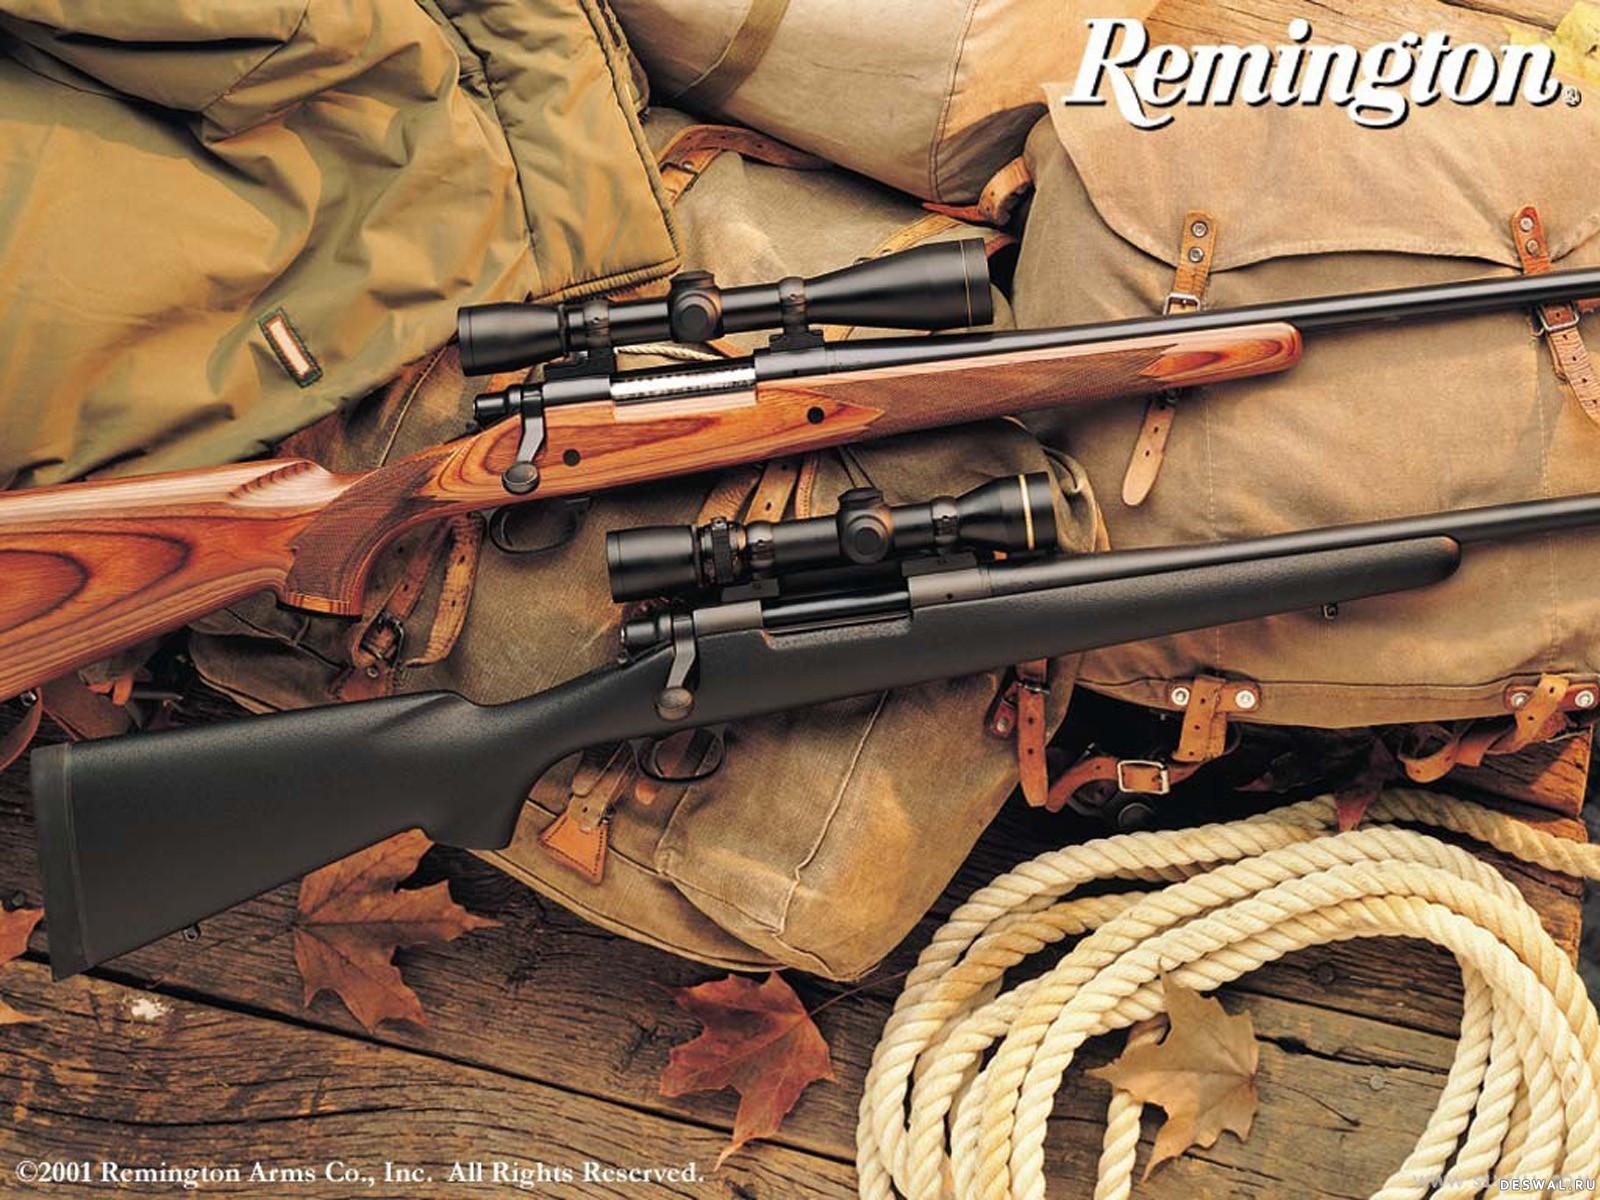 Фото 136. Нажмите на картинку с обоями оружия, чтобы просмотреть ее в реальном размере